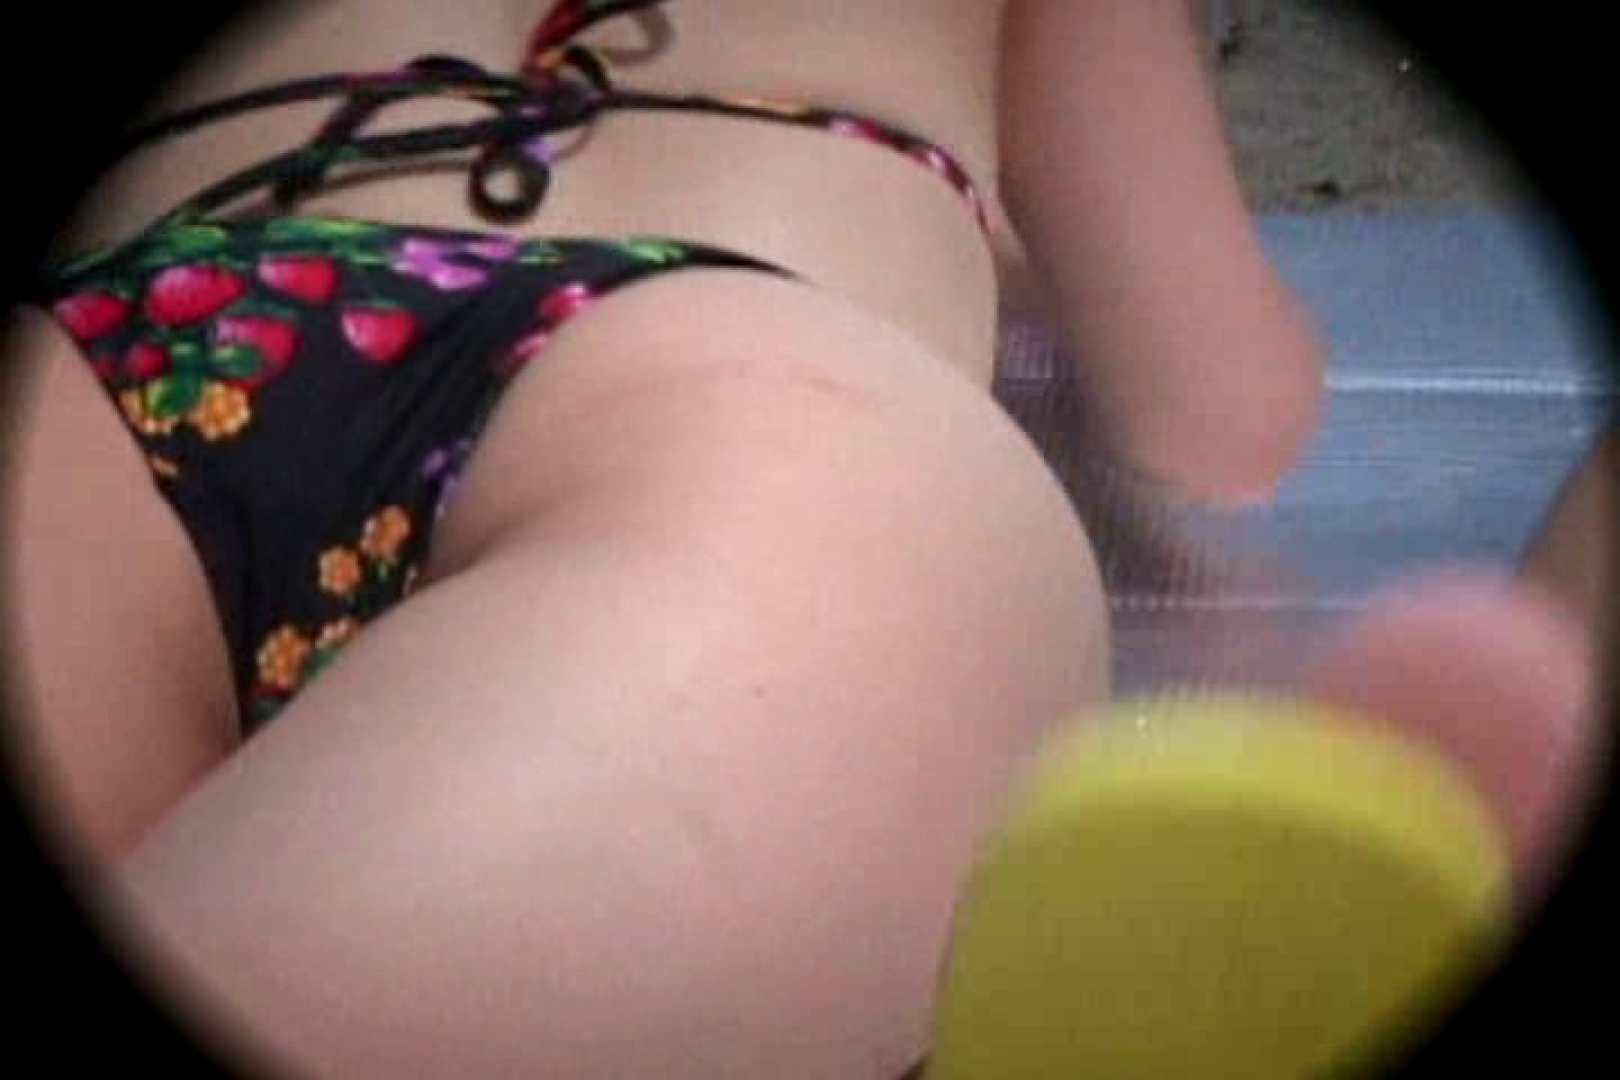 ビーチで発見!!はしゃぎ過ぎポロリギャルVol.3 チラ 女性器鑑賞 75画像 17